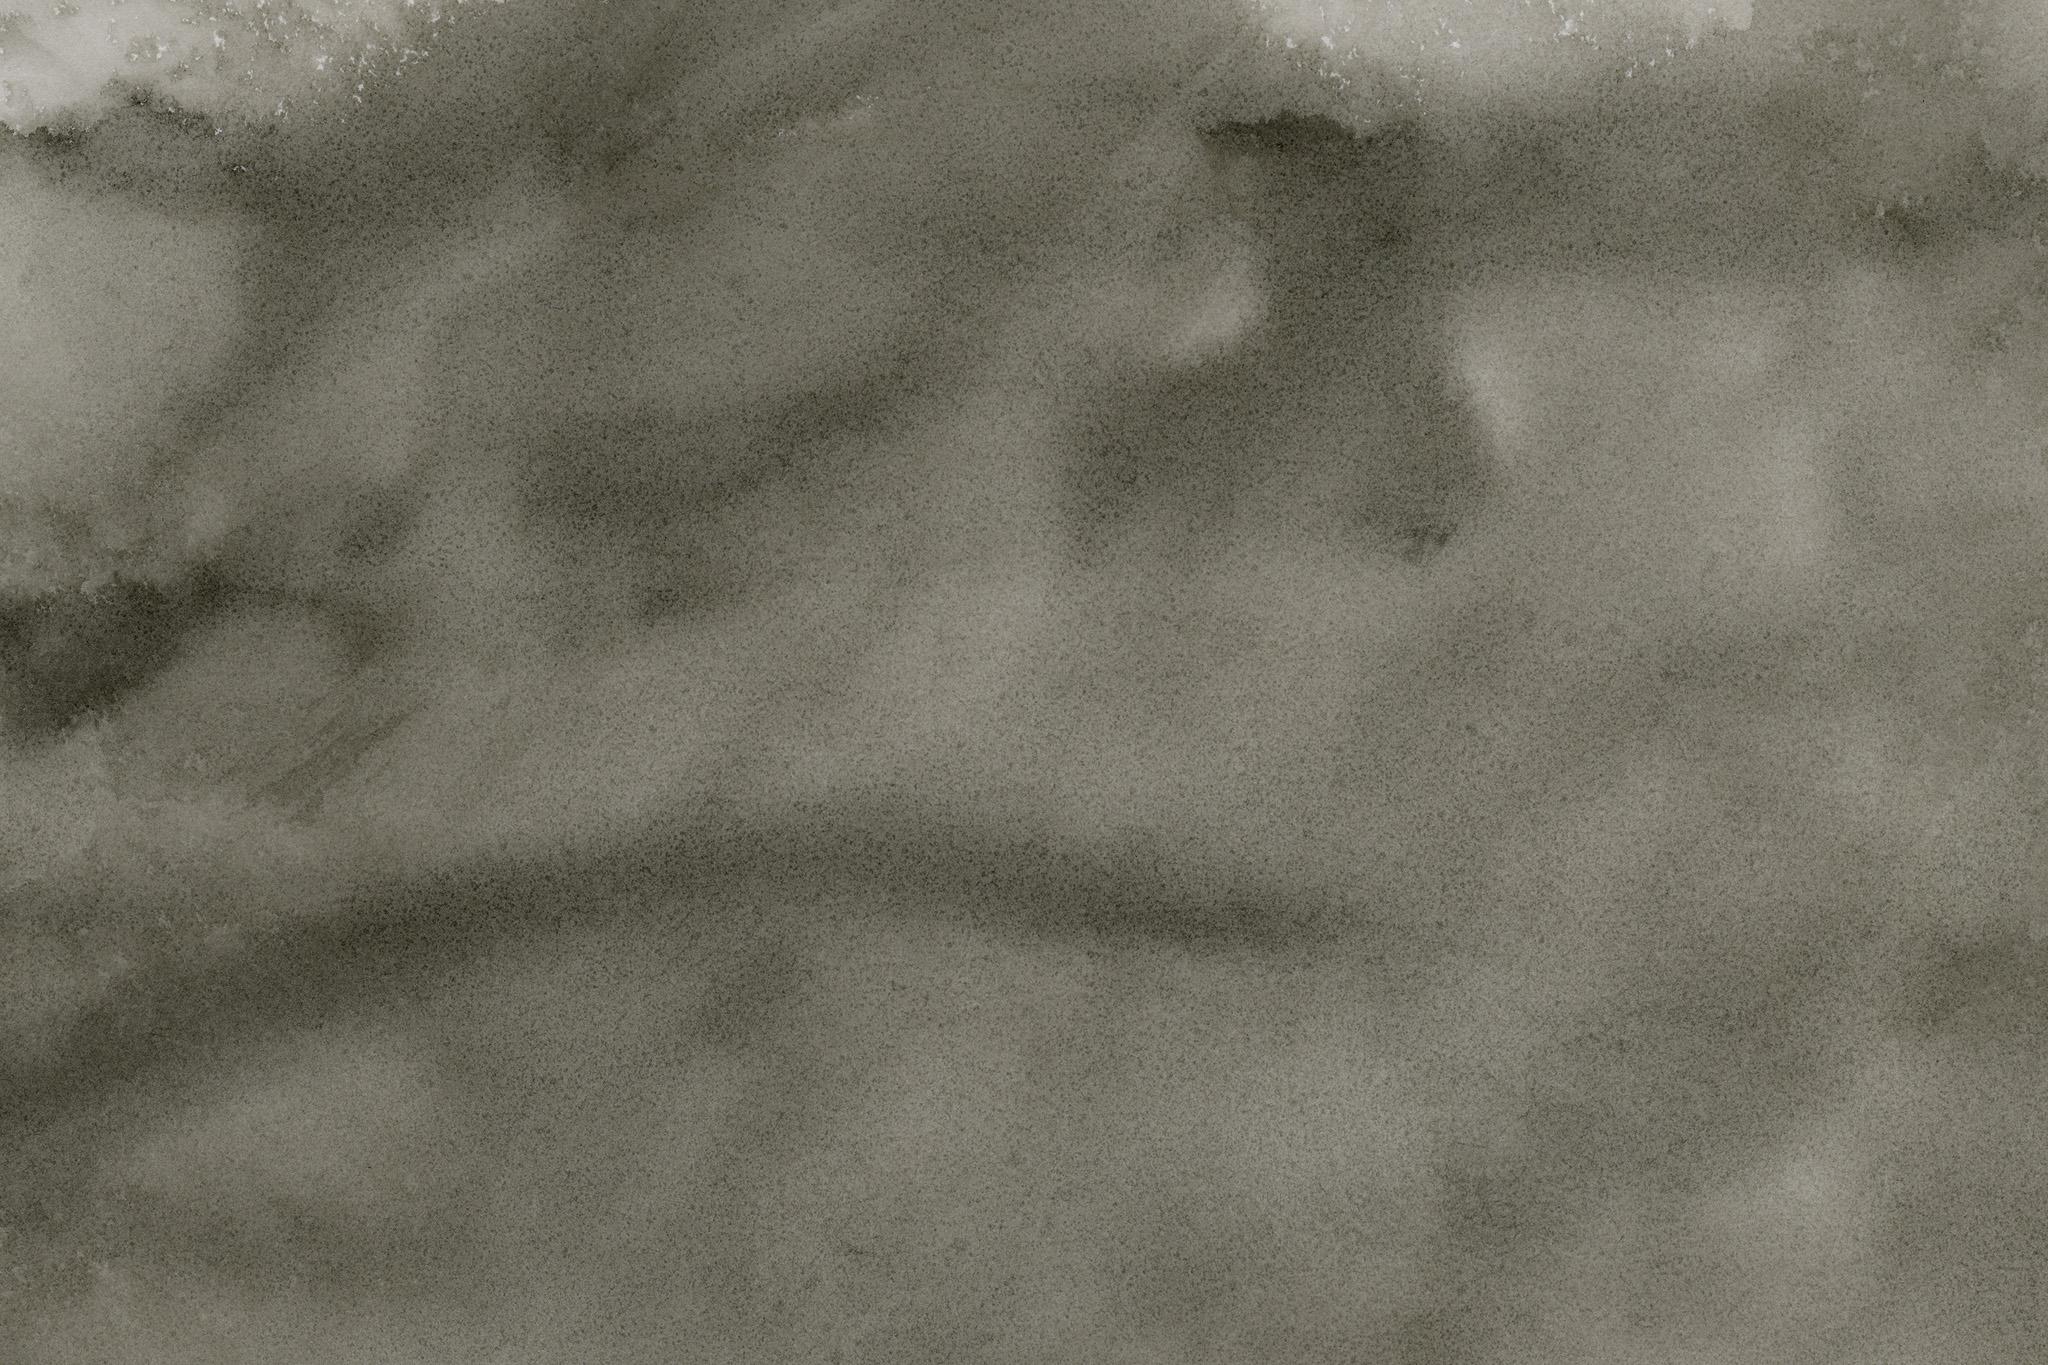 「墨液が紙に滲む和風の背景」